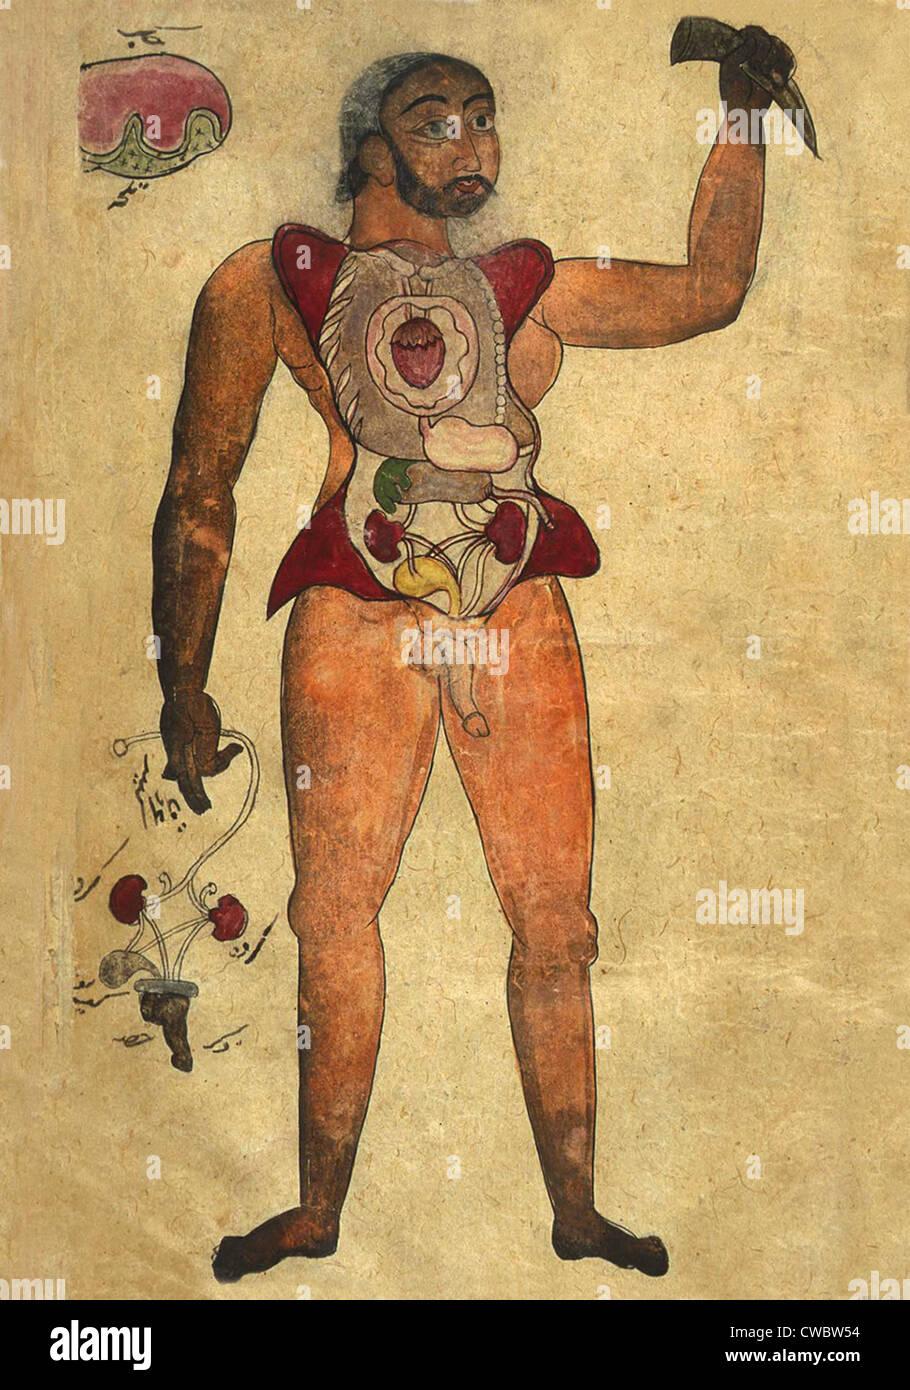 Ilustración anatómica de una figura masculina con su abdomen y pecho ...